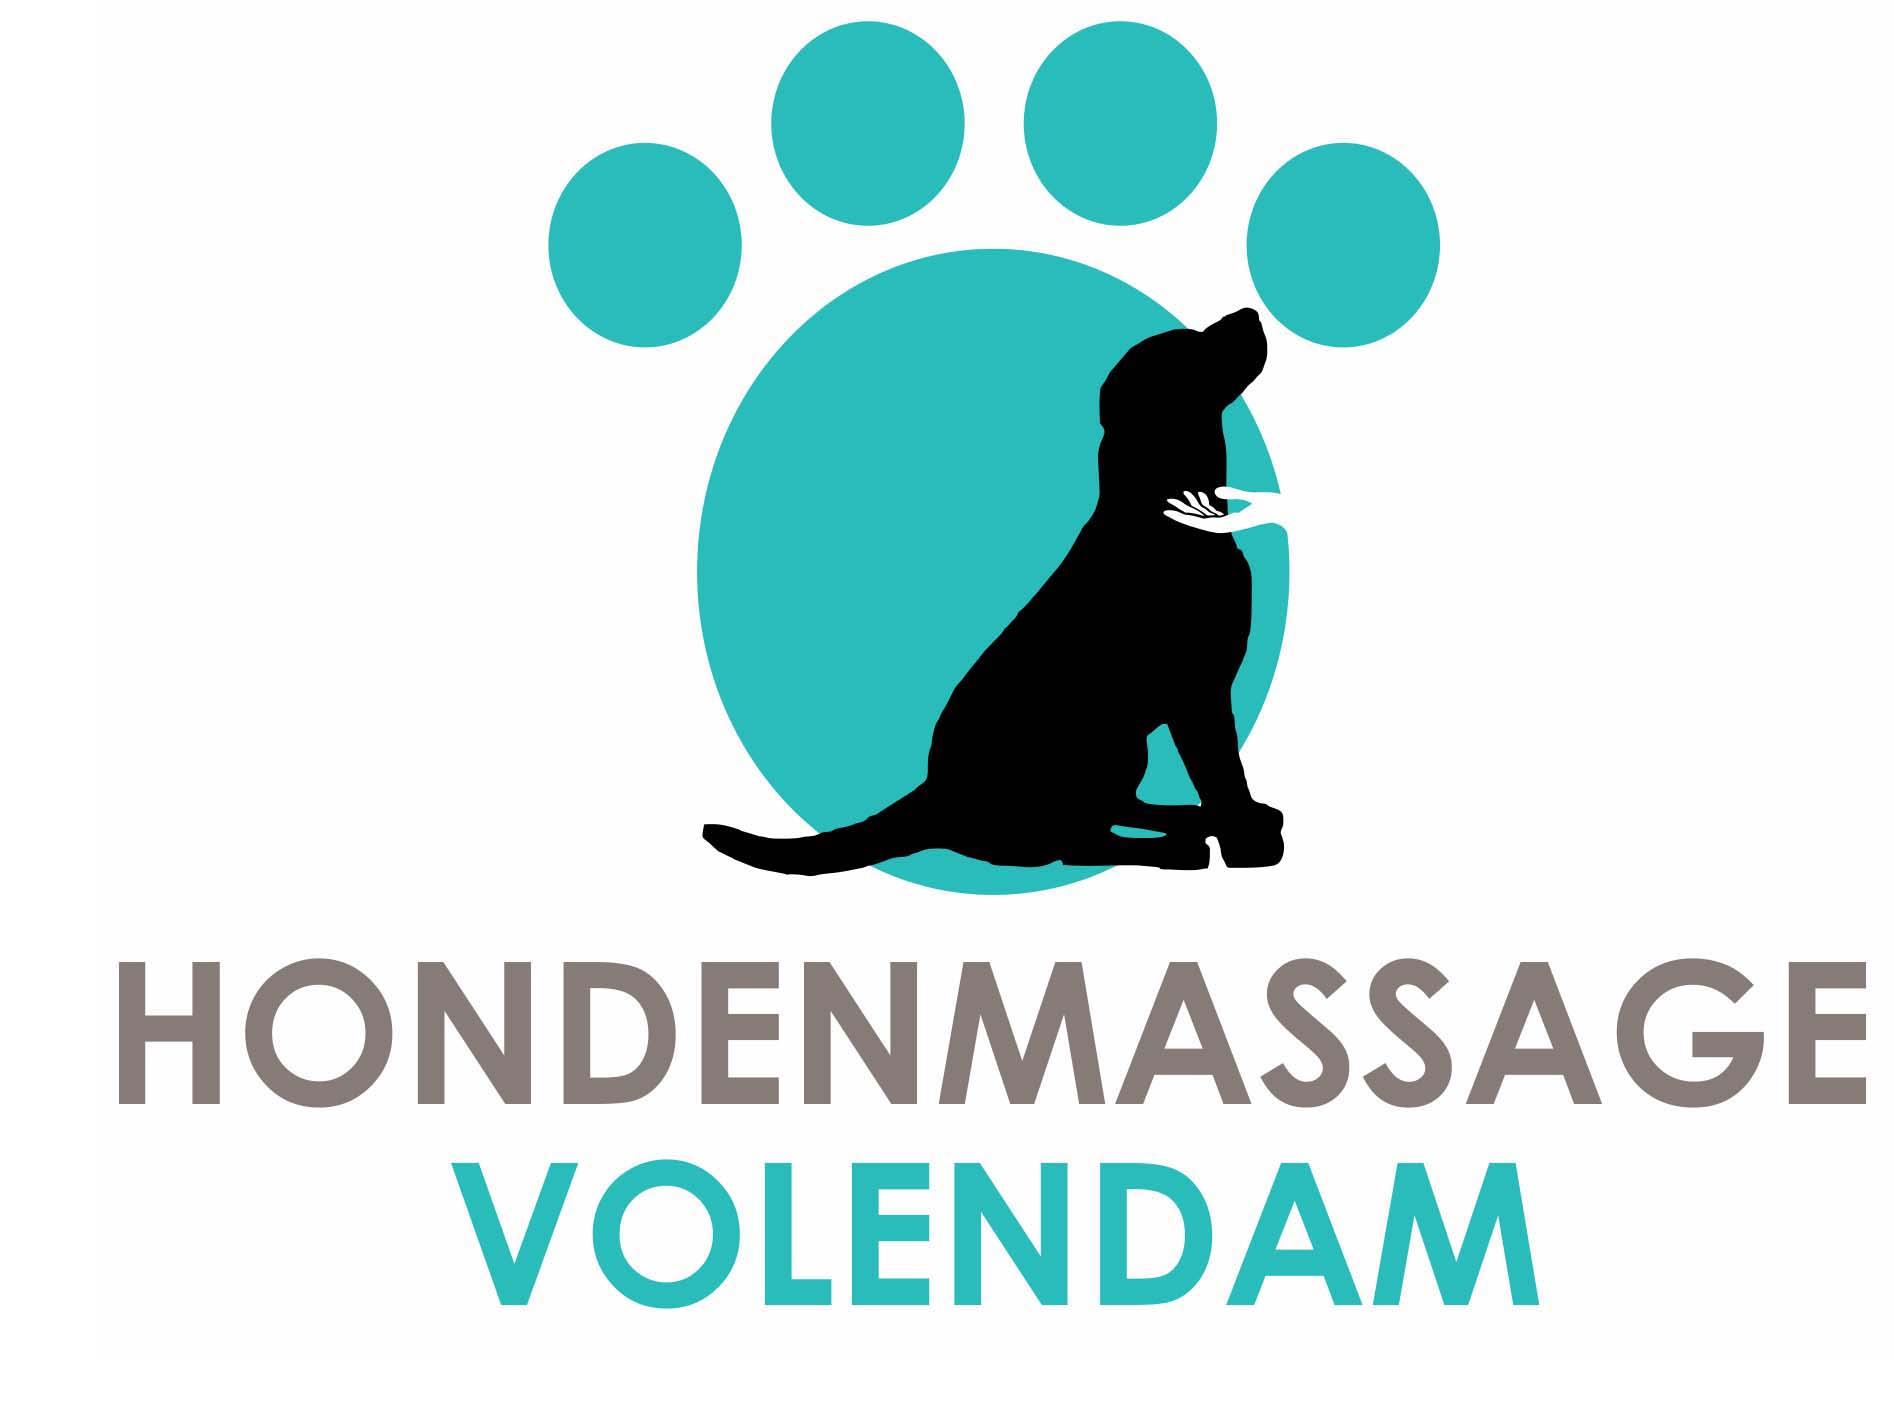 Hondenmassage Volendam